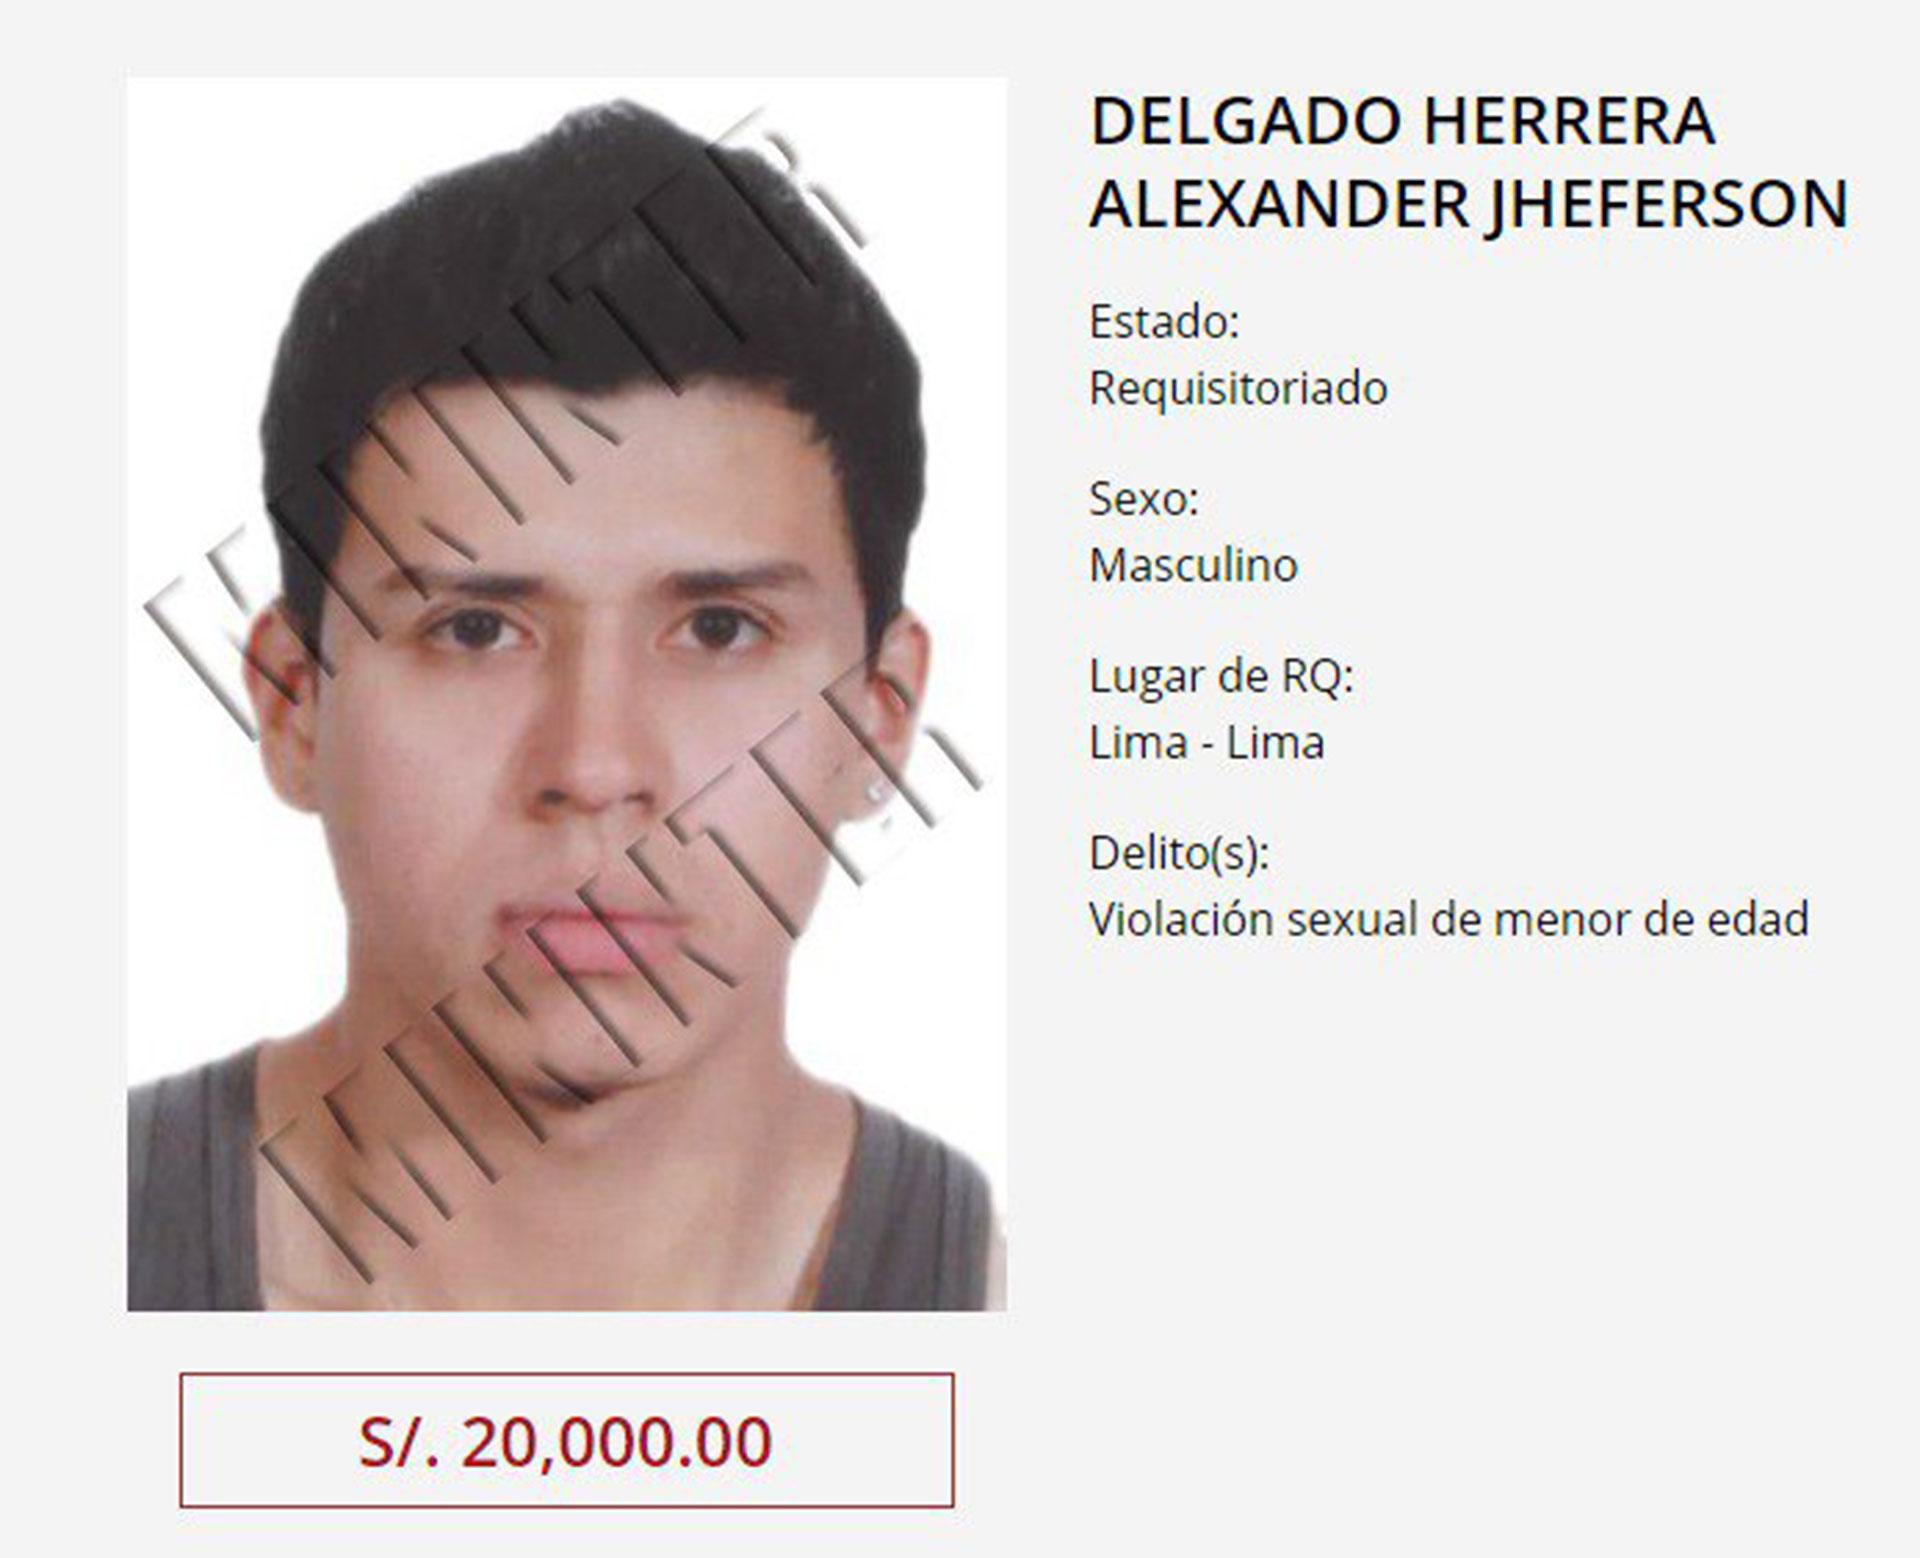 La ficha de Delgado Herrera y la recompensa que se ofrecía por su captura